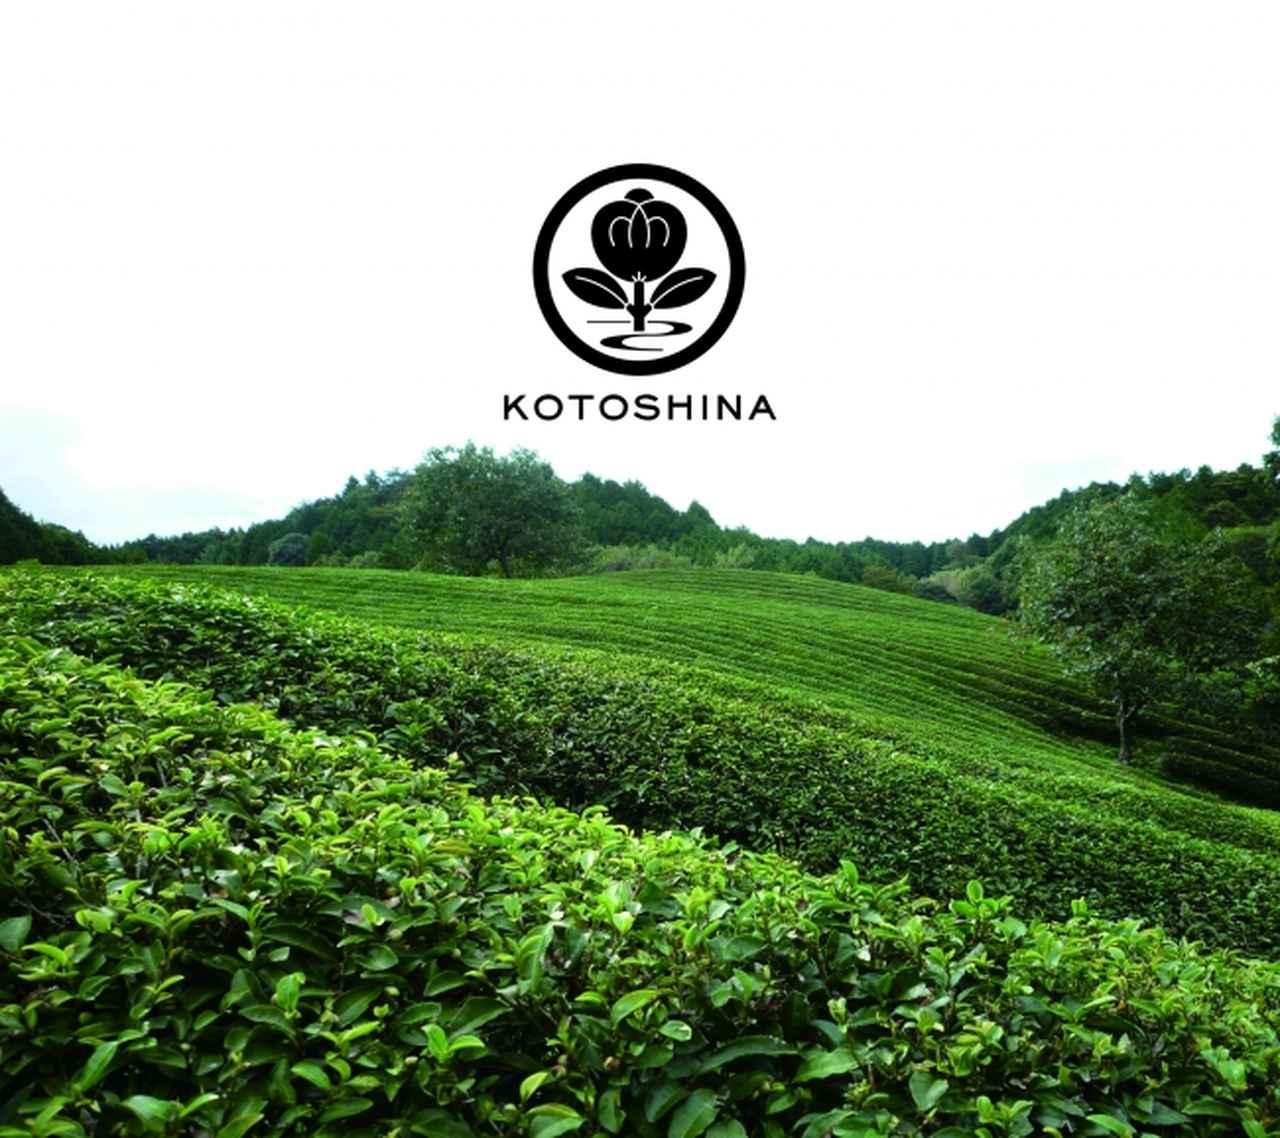 画像2: 京都発 オーガニックコスメブランド「コトシナ」からグリーンティー香るハンドソープ 新発売